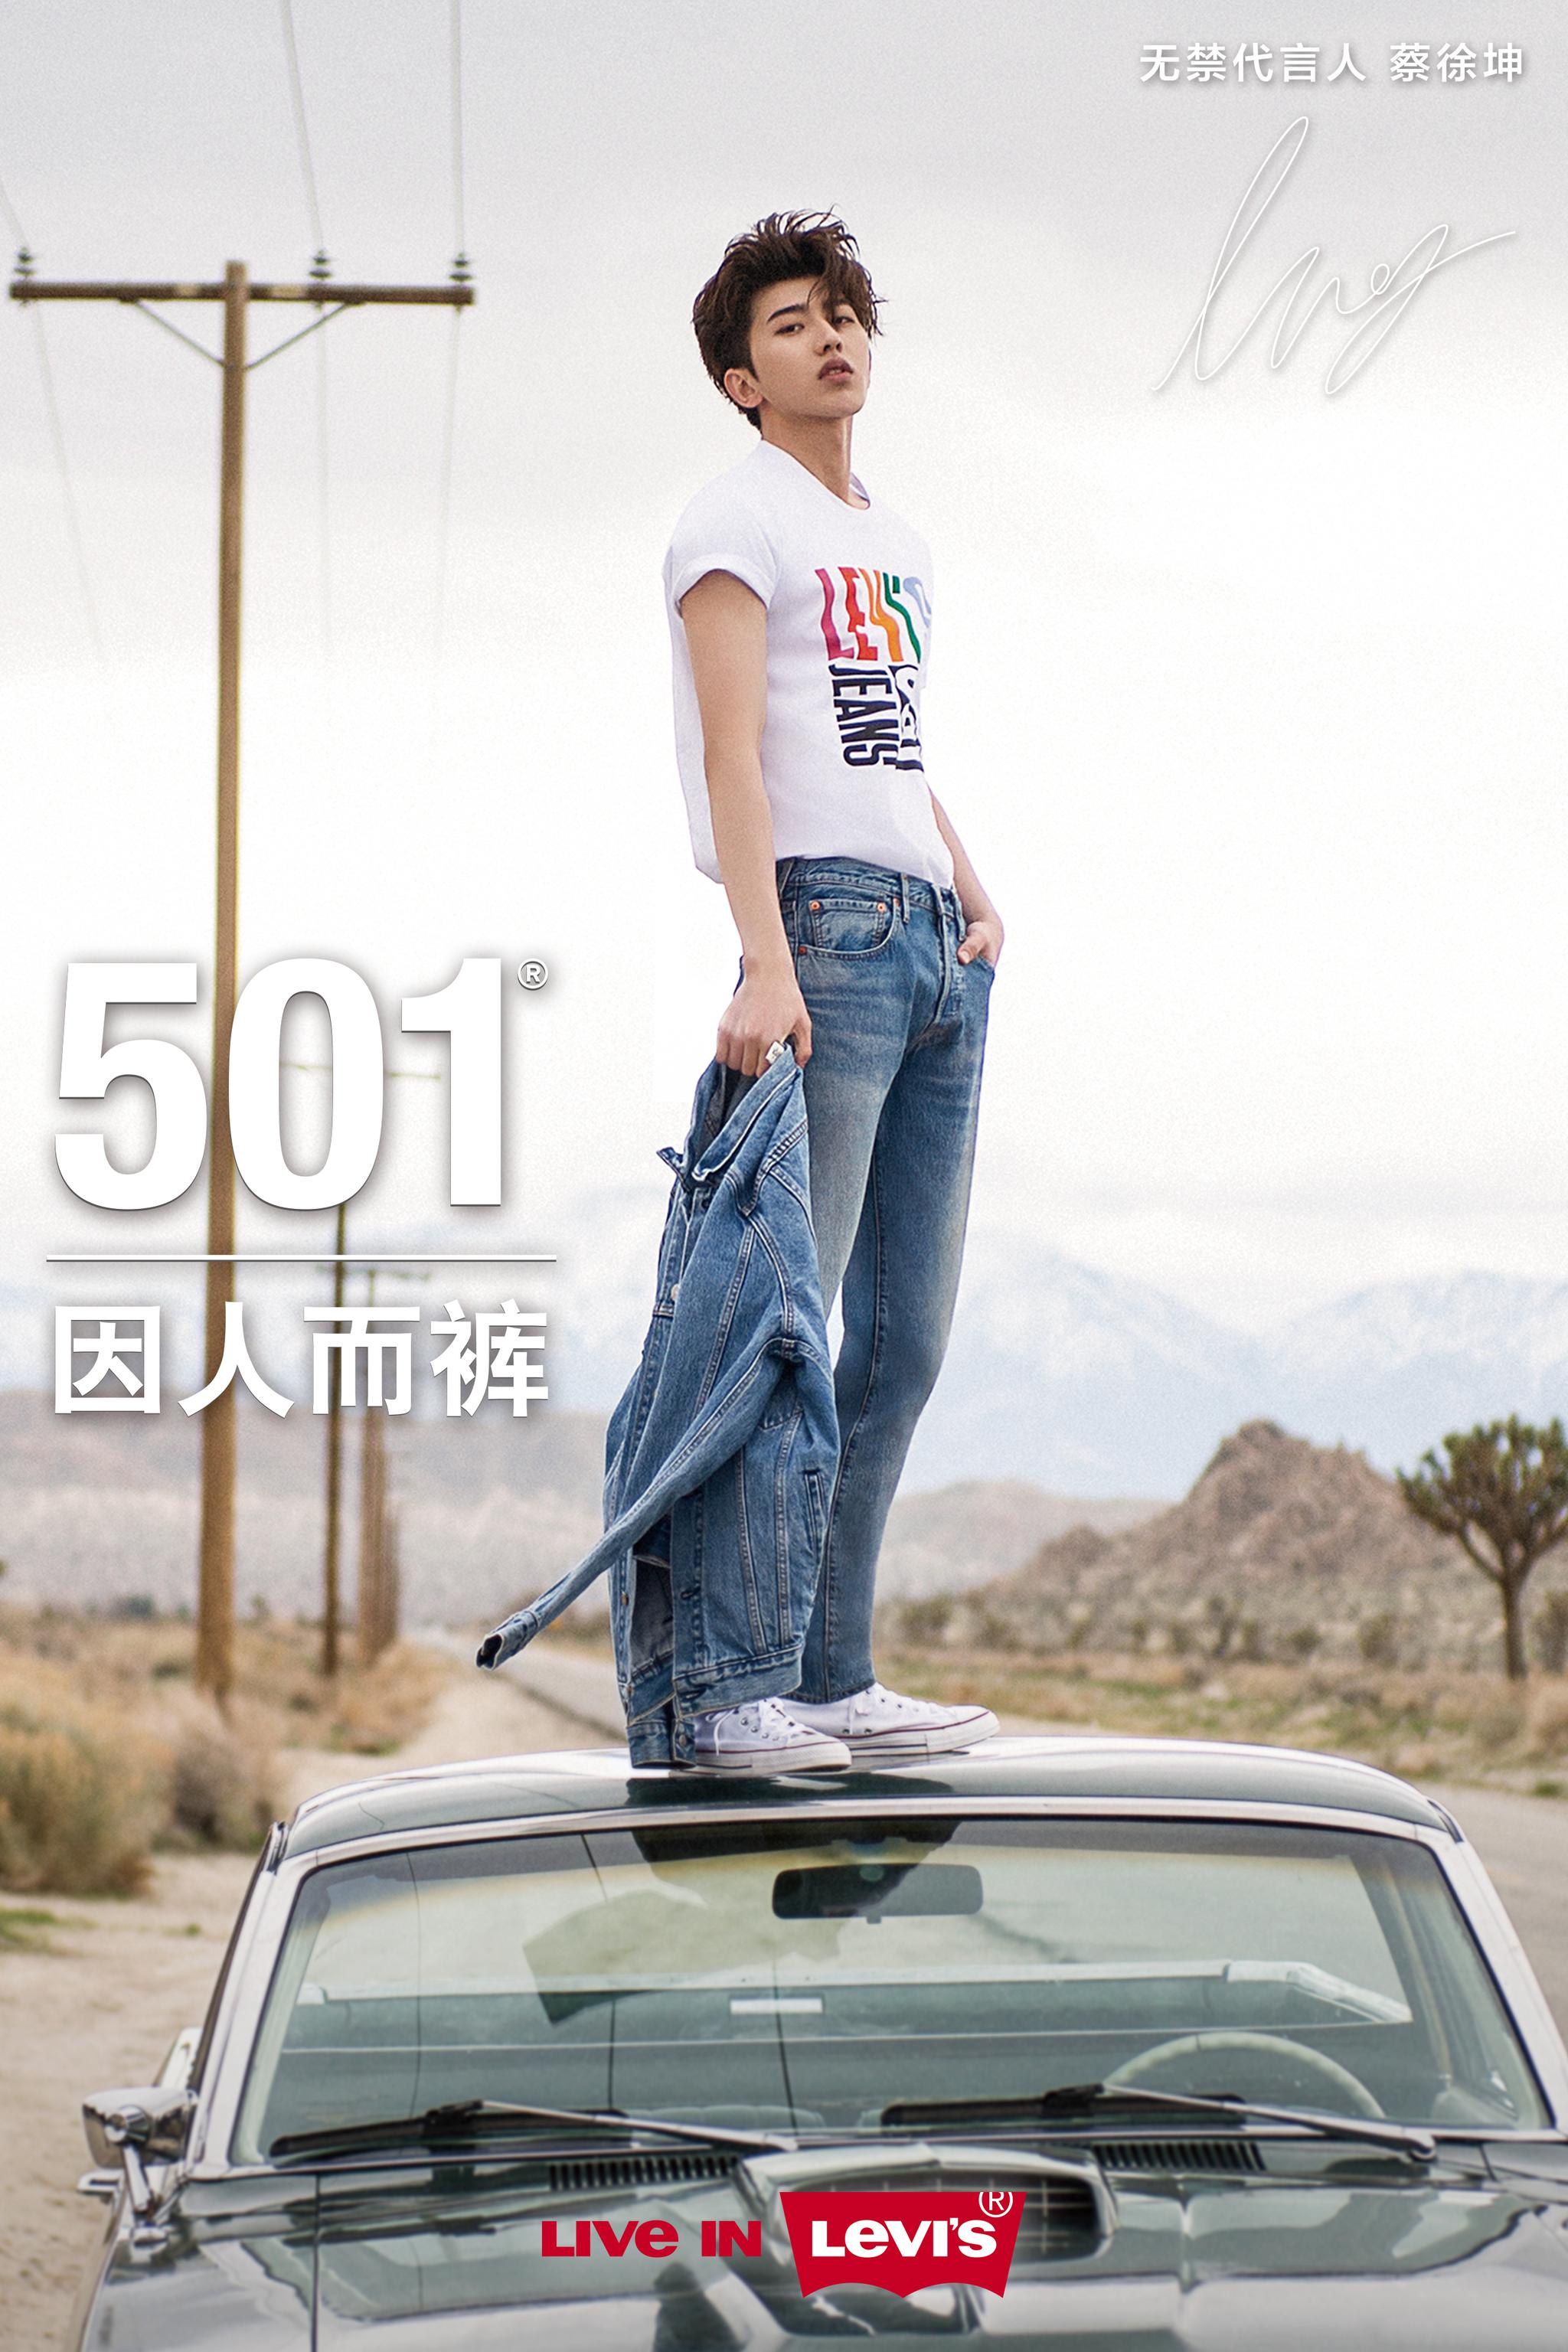 和@Levis中国 一起定制你的501® 经典牛仔裤!另外